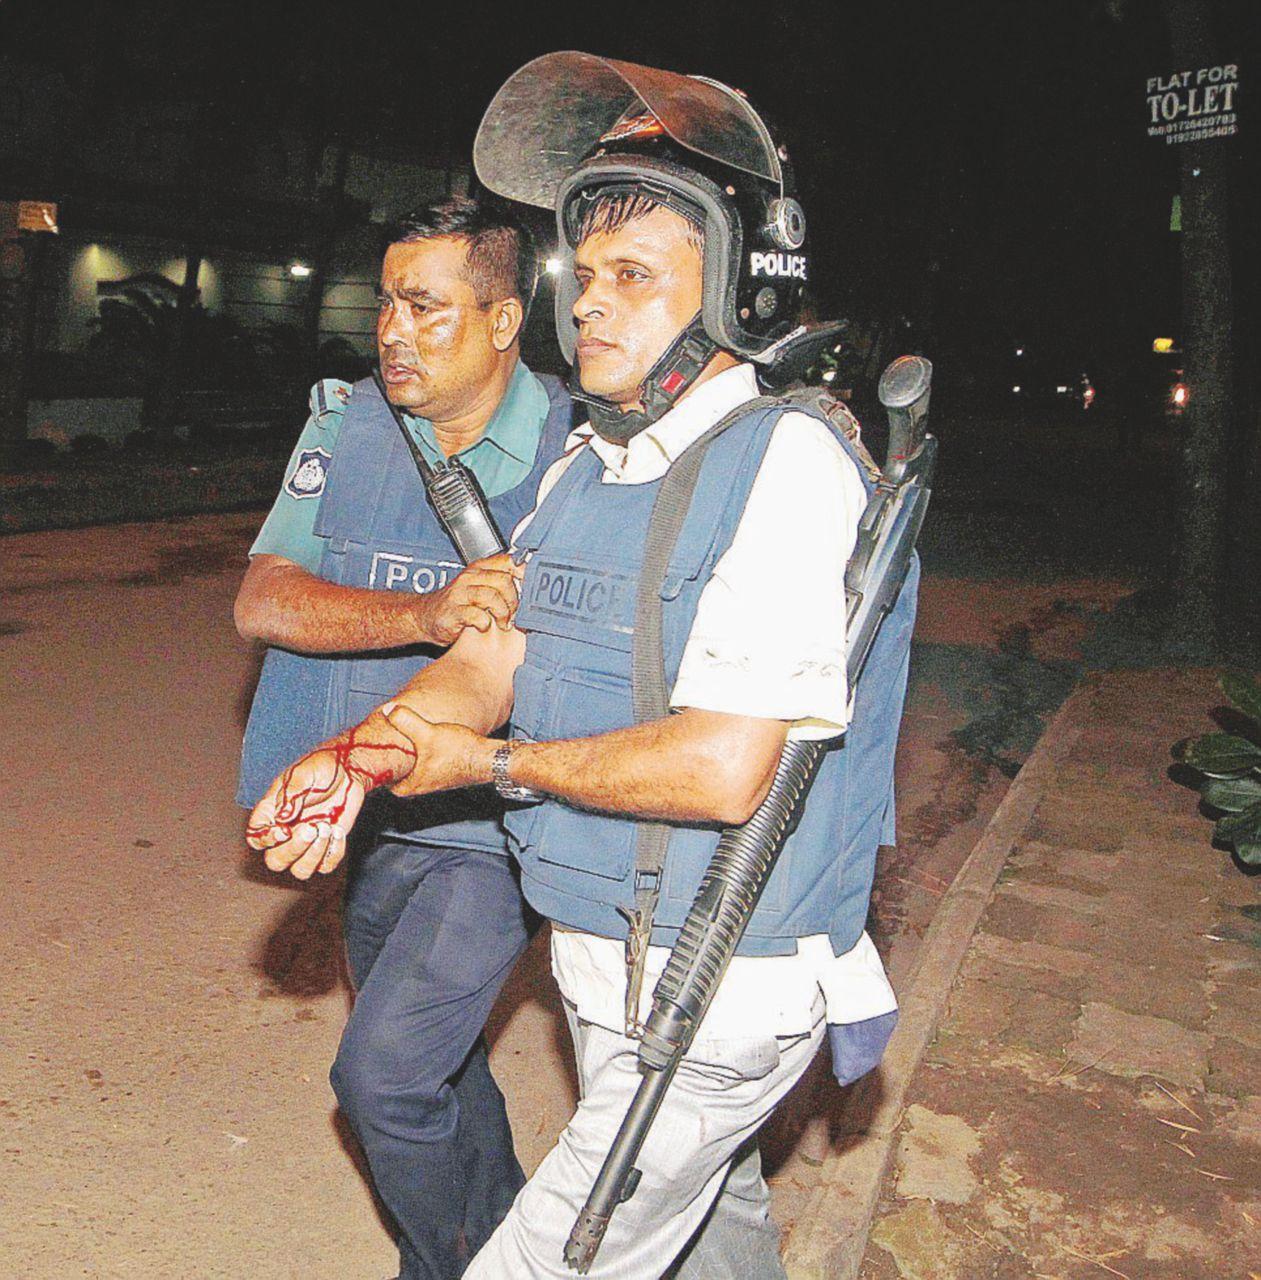 Assalto agli stranieri, terrore jihadista a Dacca